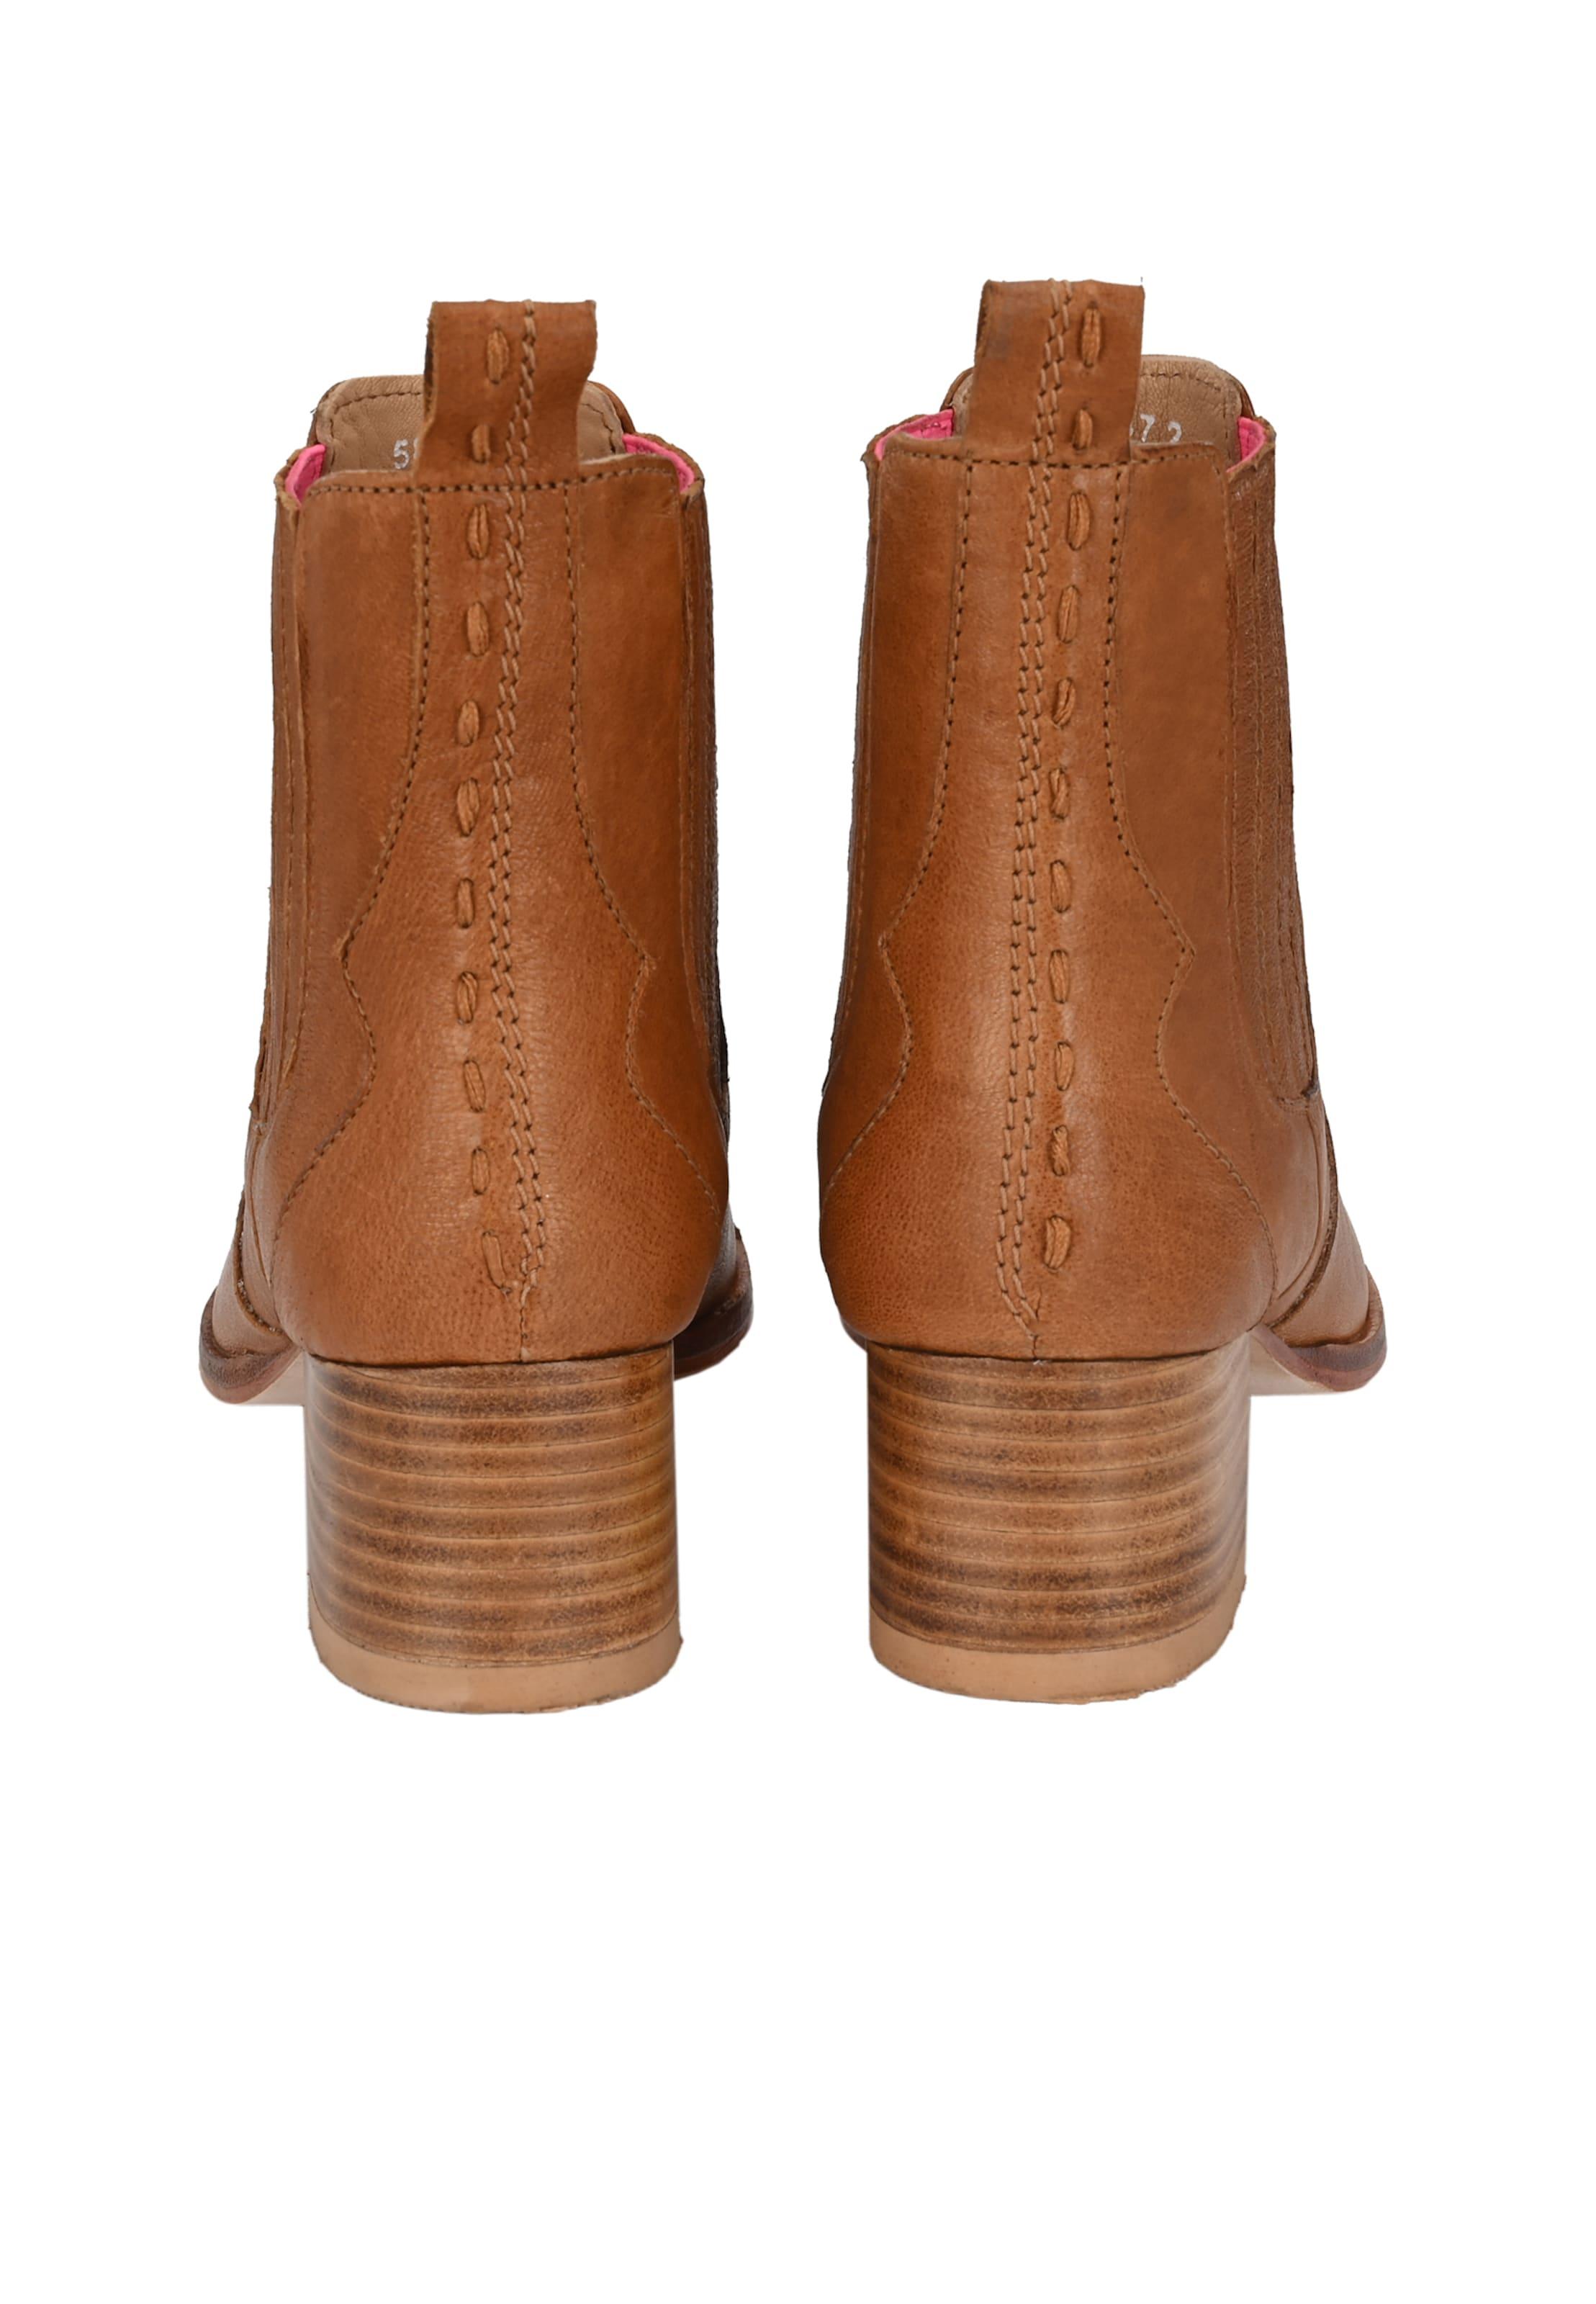 Crickit Chelsea boots VALESKA in Bruin / Cognac Leer ART128194-003